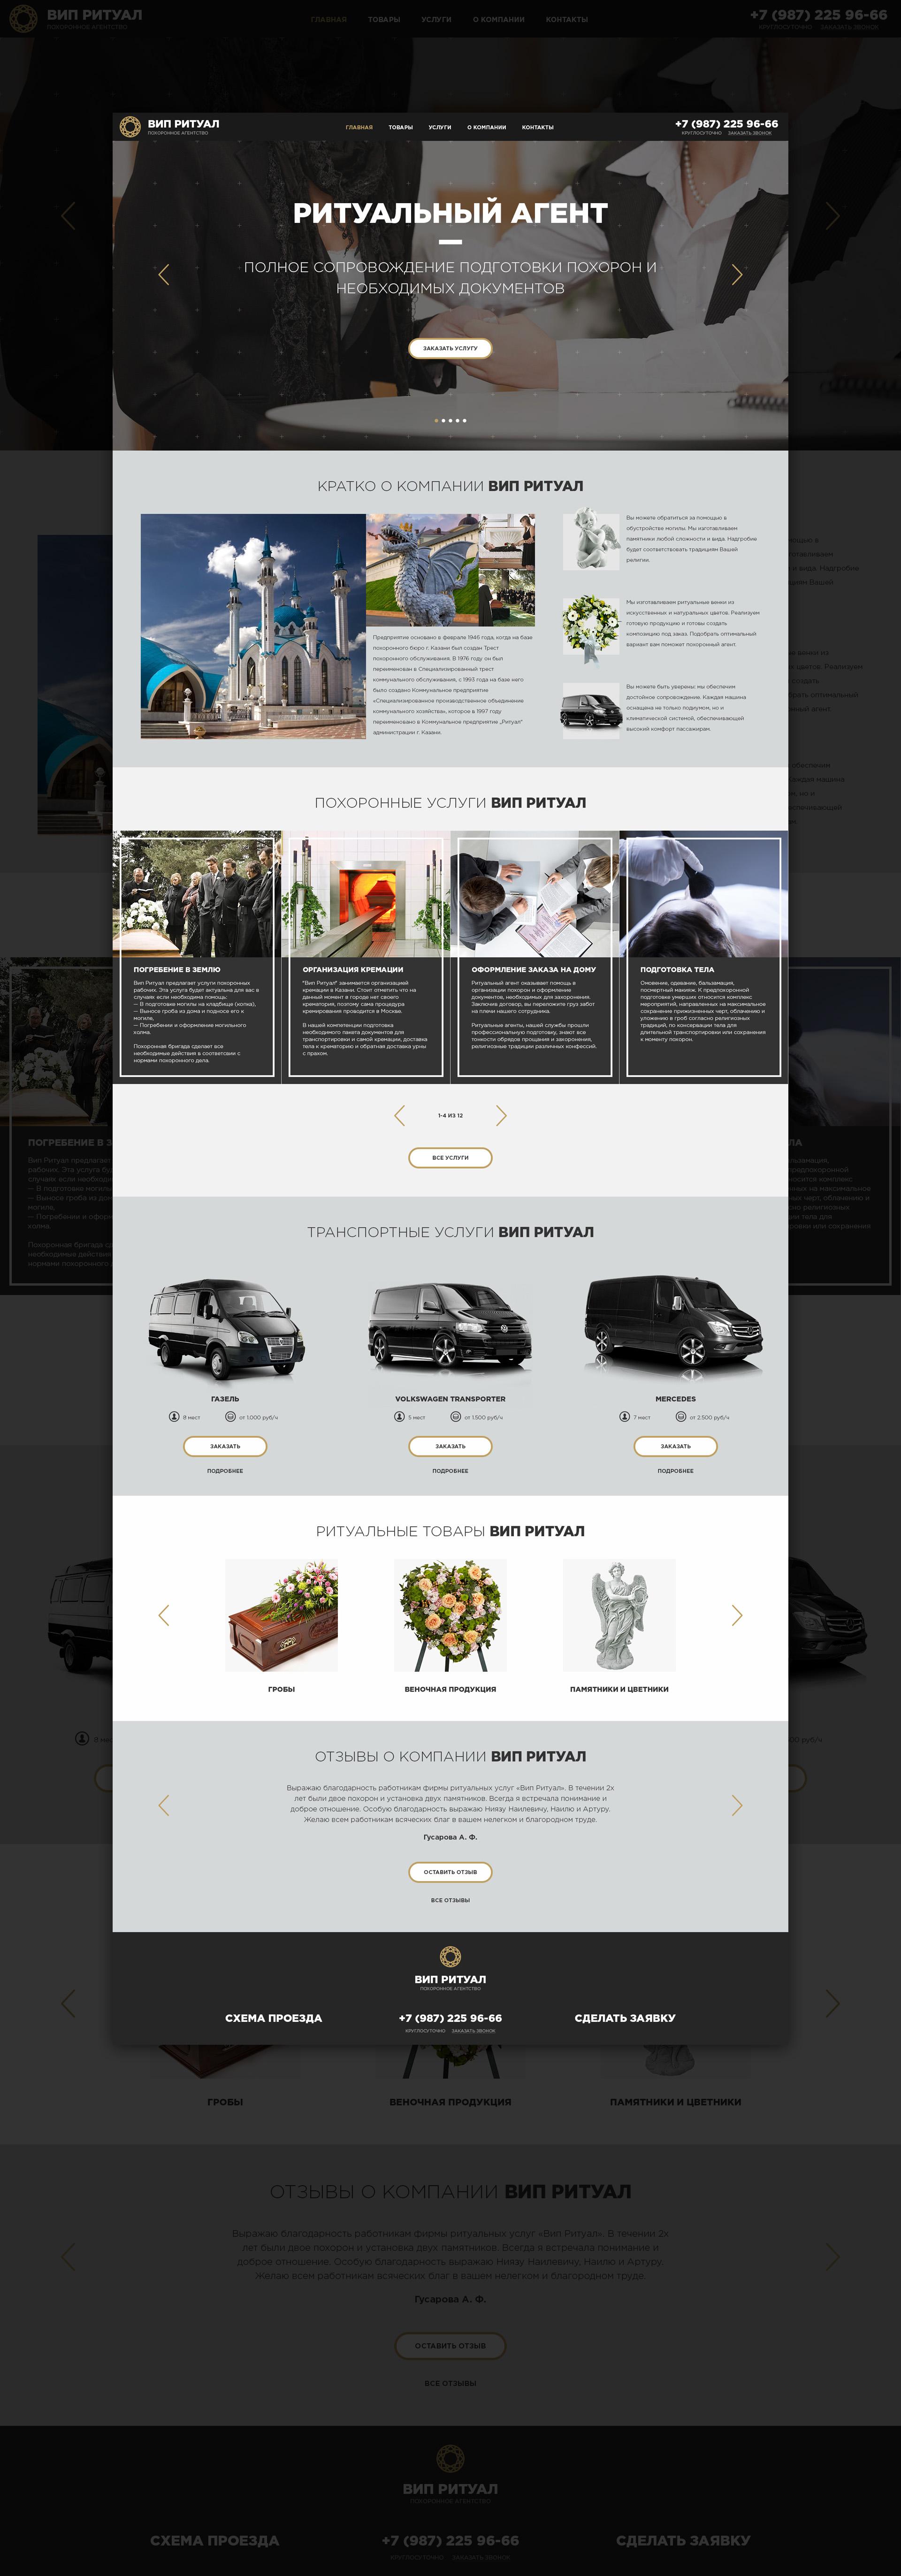 Нарисовать 2 дизайна сайтов направления ритуальных услуг  фото f_381596b0f11b93ba.jpg